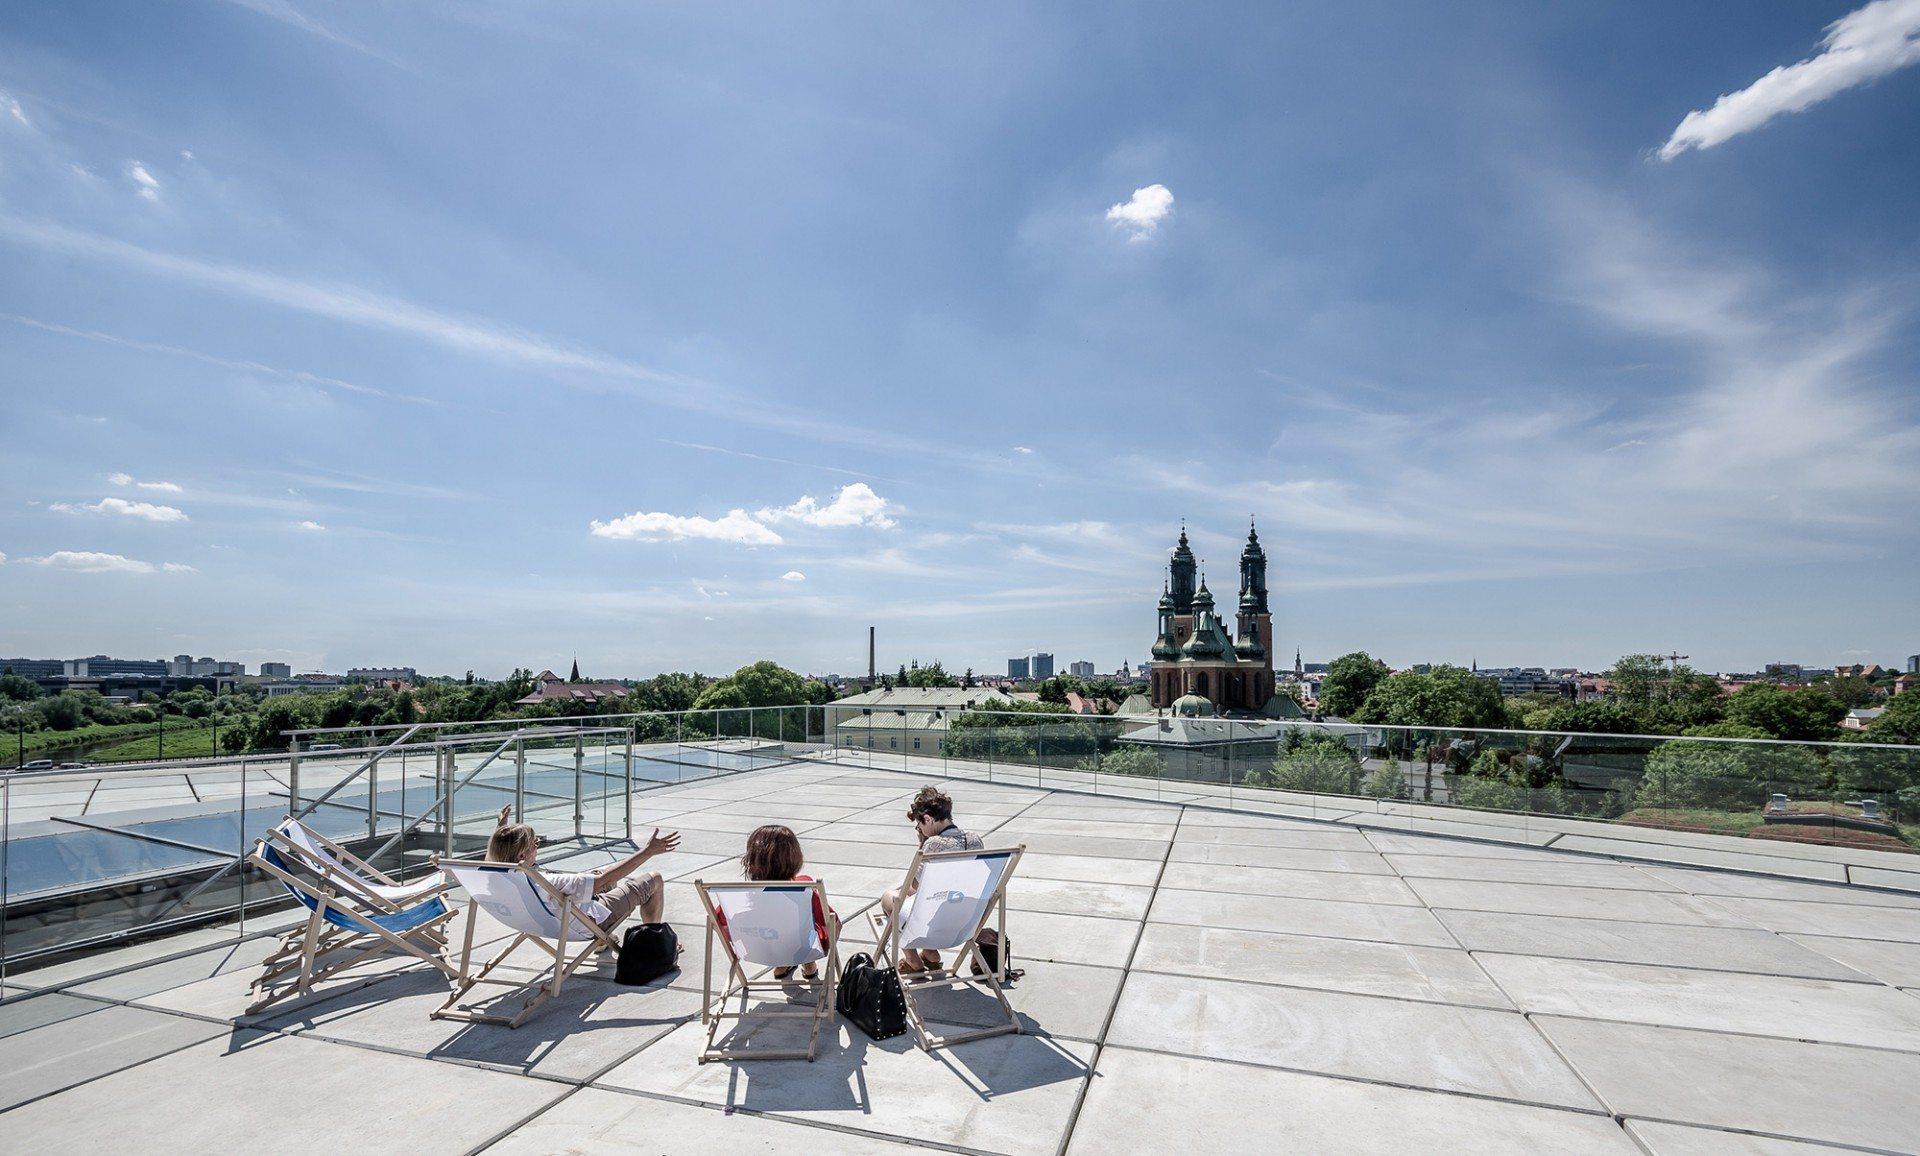 Blickbeziehung. Vom Dach des Zentrums fällt der Blick über die historisch bedeutende Dominsel bis hinein in Poznans Stadtmitte jenseits der Warthe.